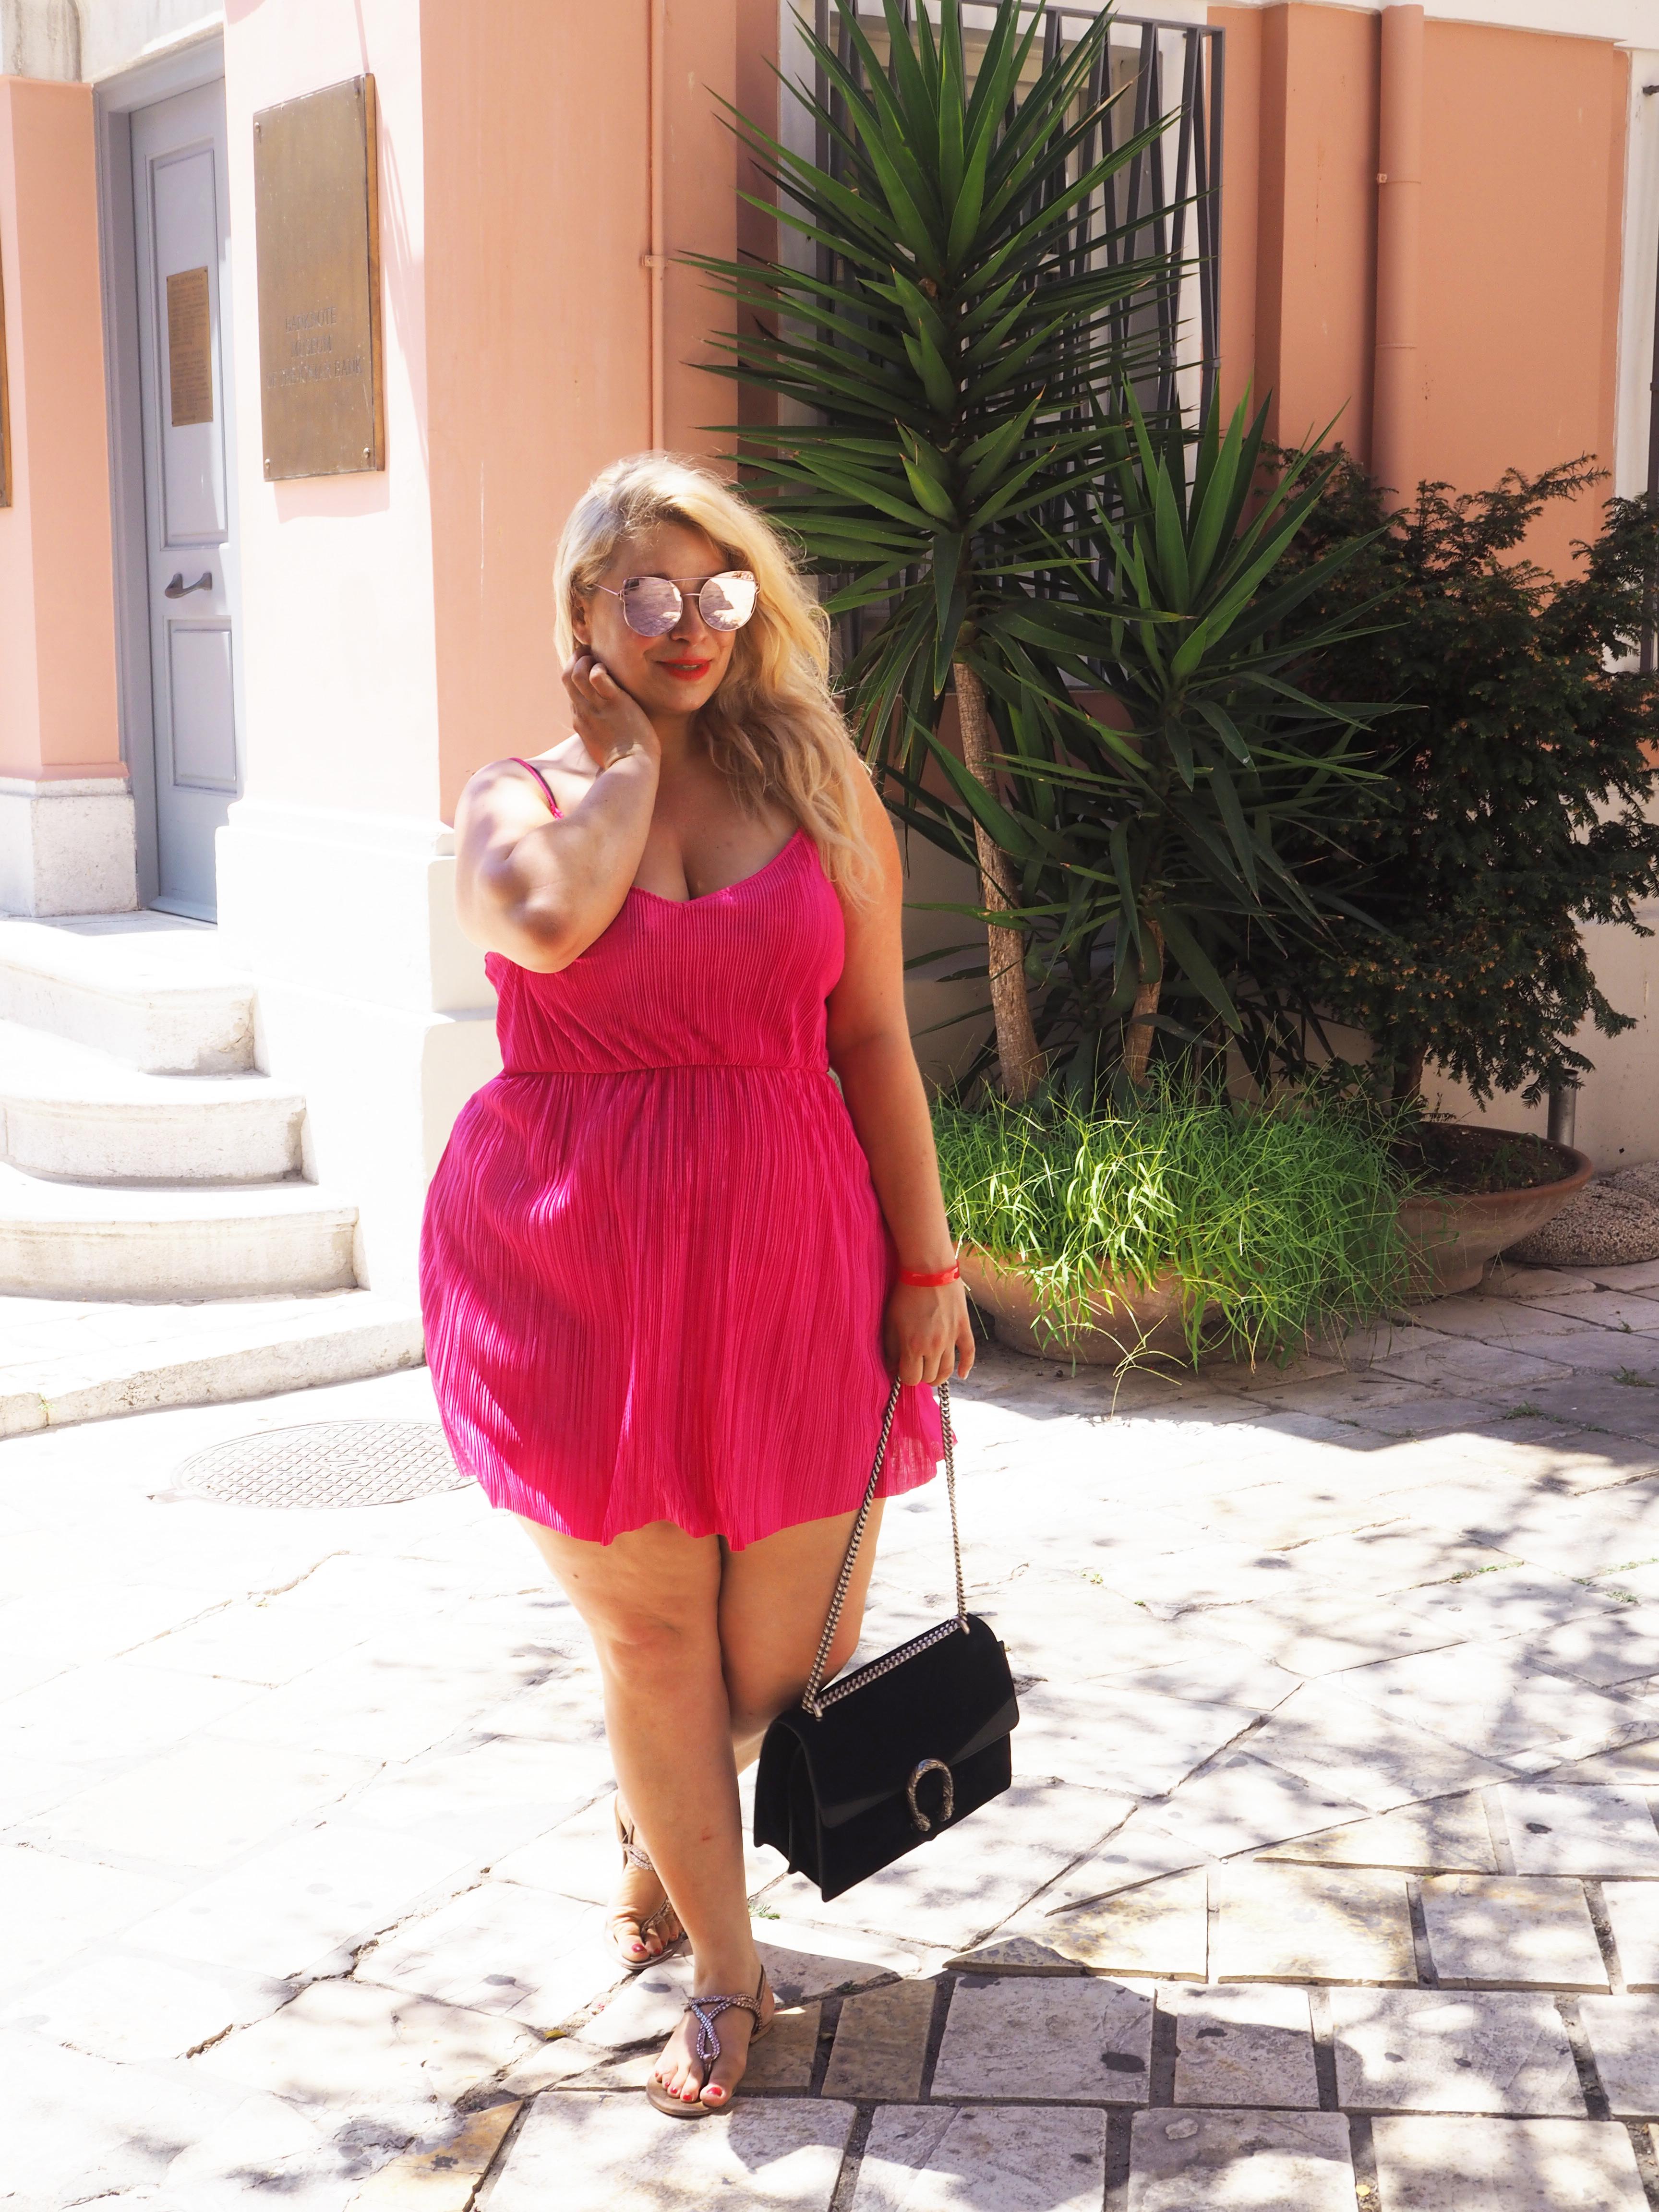 Caterina-megabamabi-pogorzelski-curvy-blogger